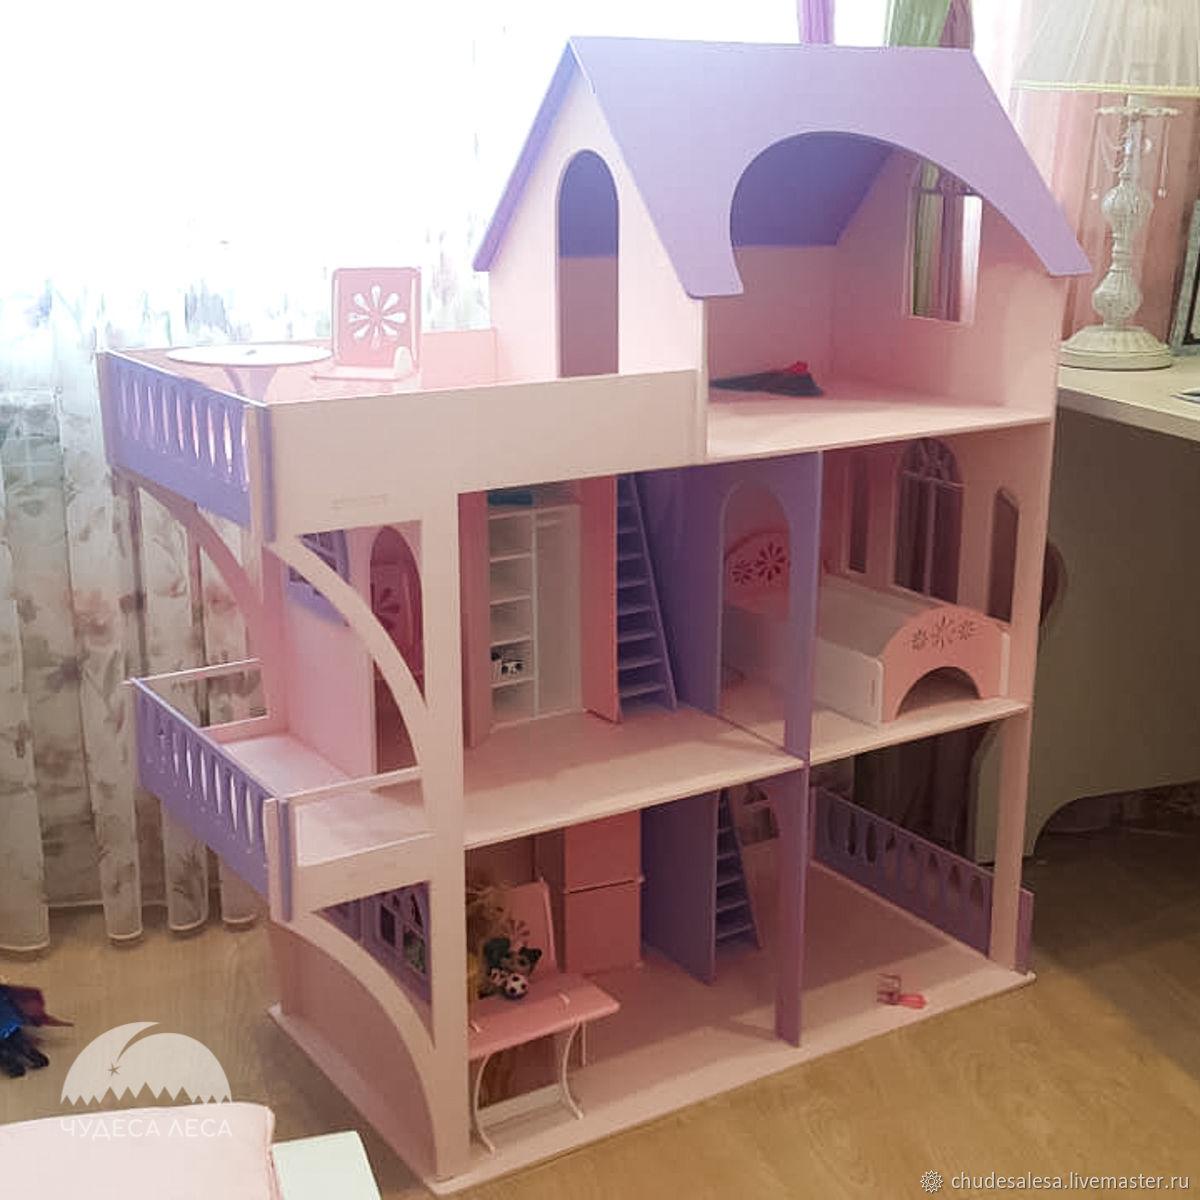 Деревянный кукольный домик (без мебели), Кукольные домики, Липецк,  Фото №1